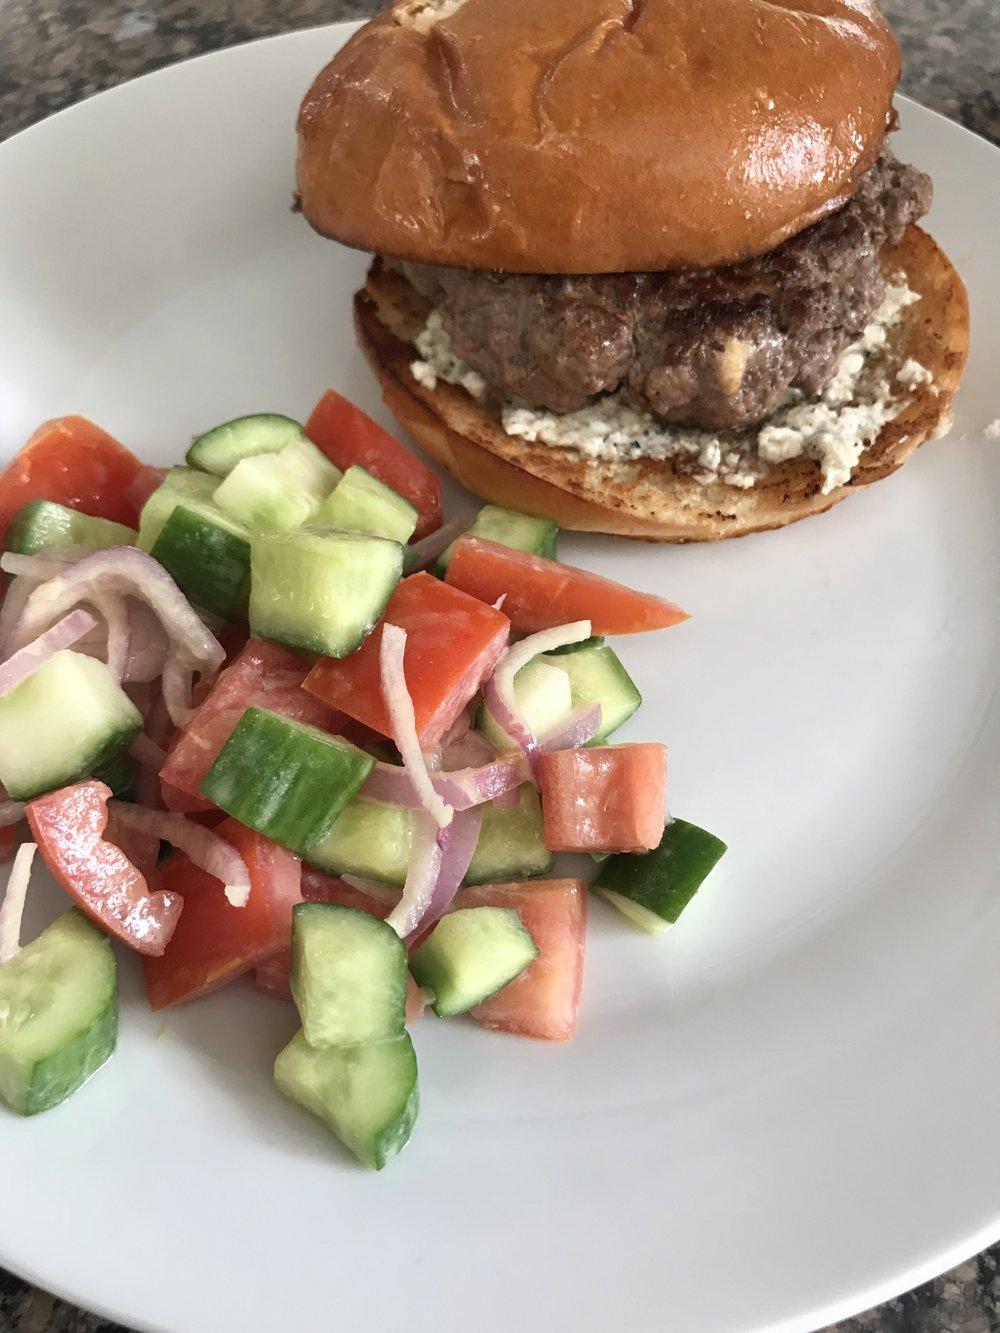 Greek Diner Burger with Feta Salad